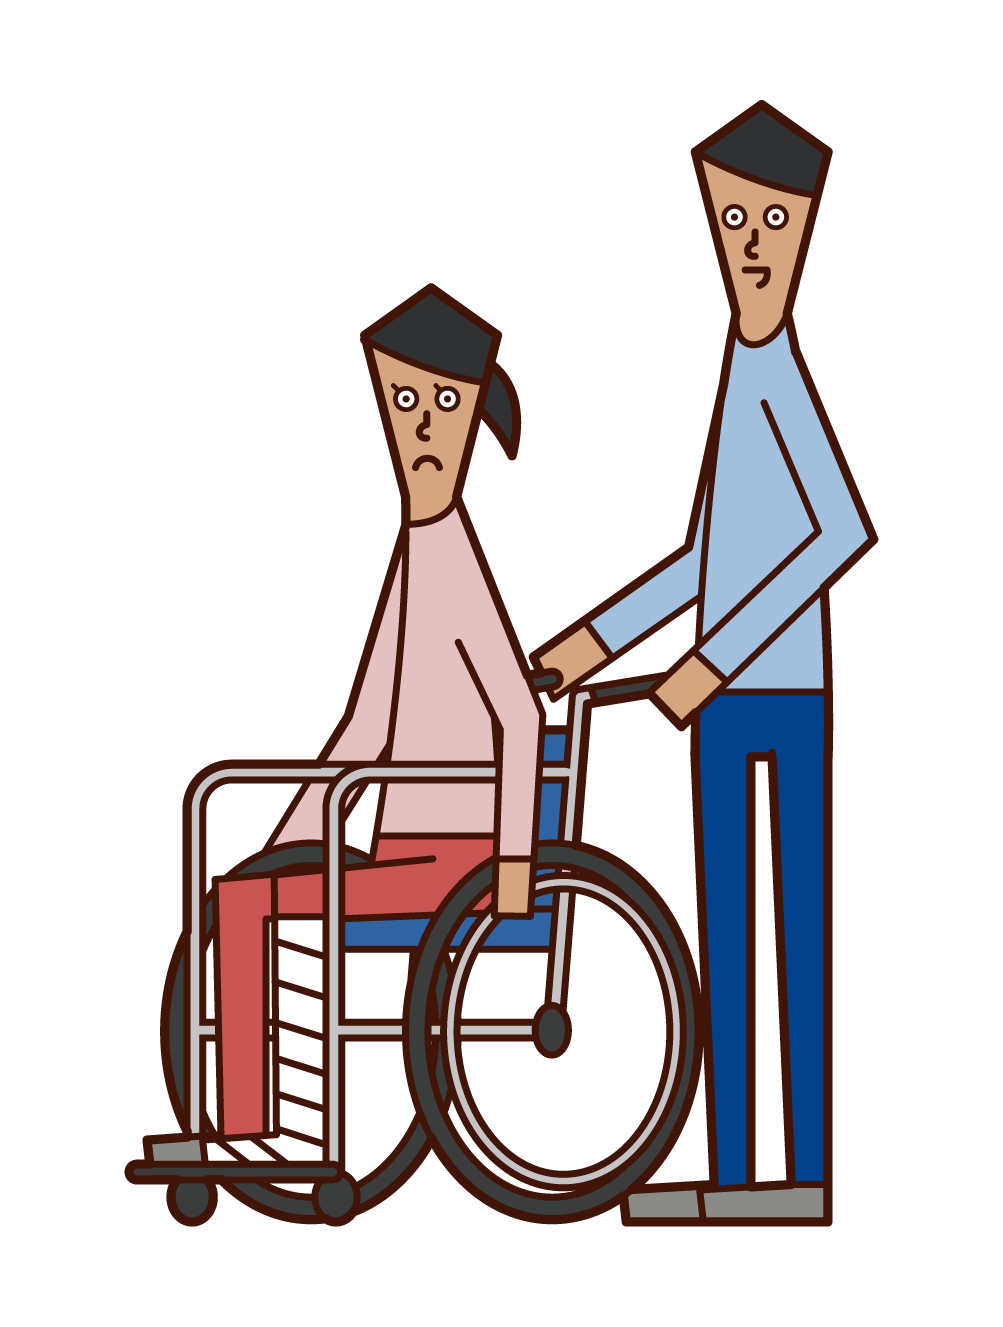 脚を骨折して車椅子に乗る人(女性)のイラスト